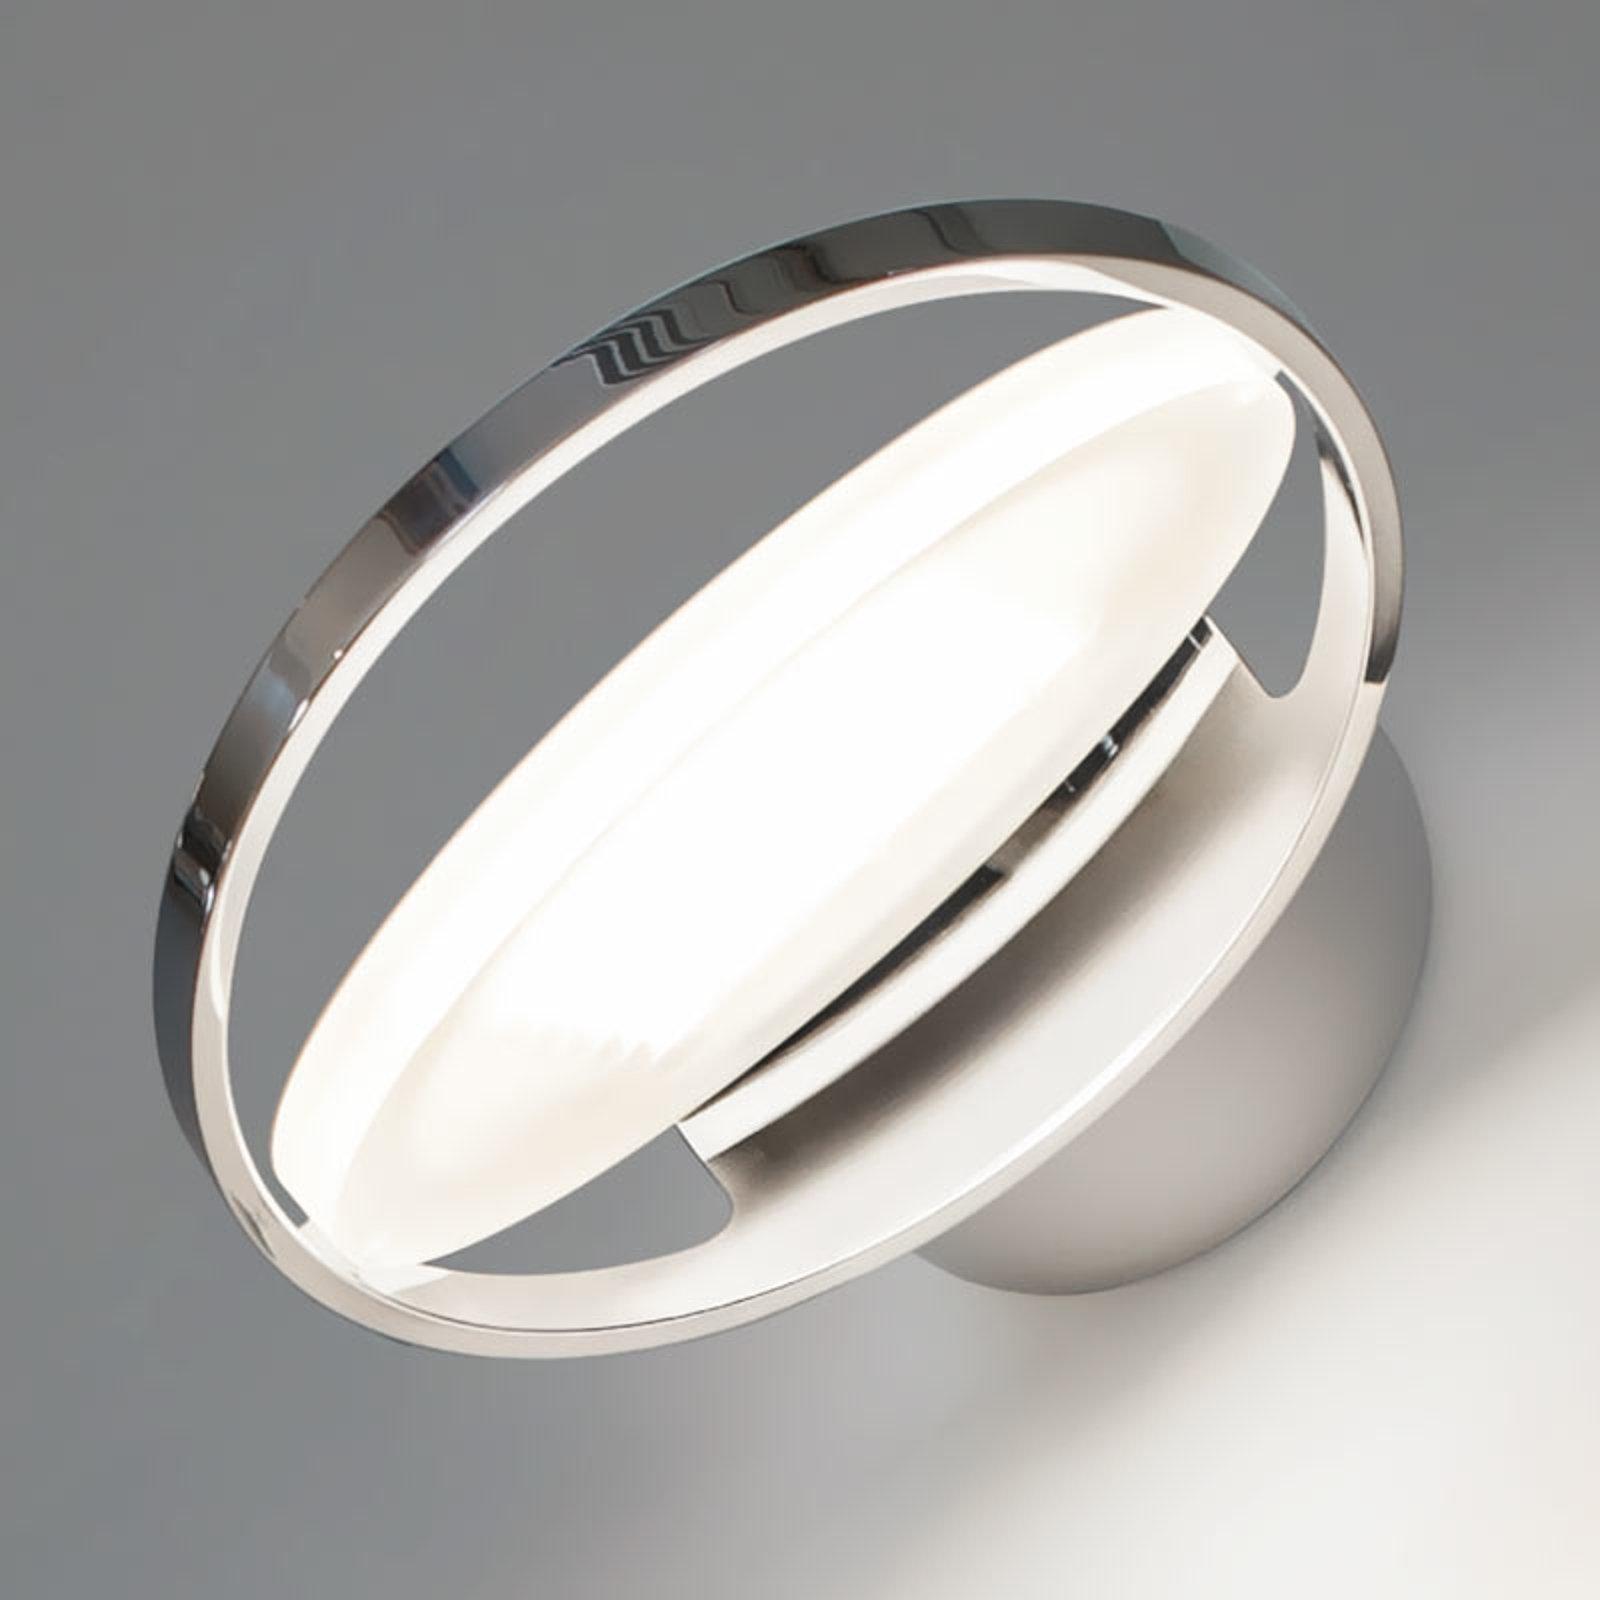 Nimbus Rim R 36 LED-vegglampe, krom